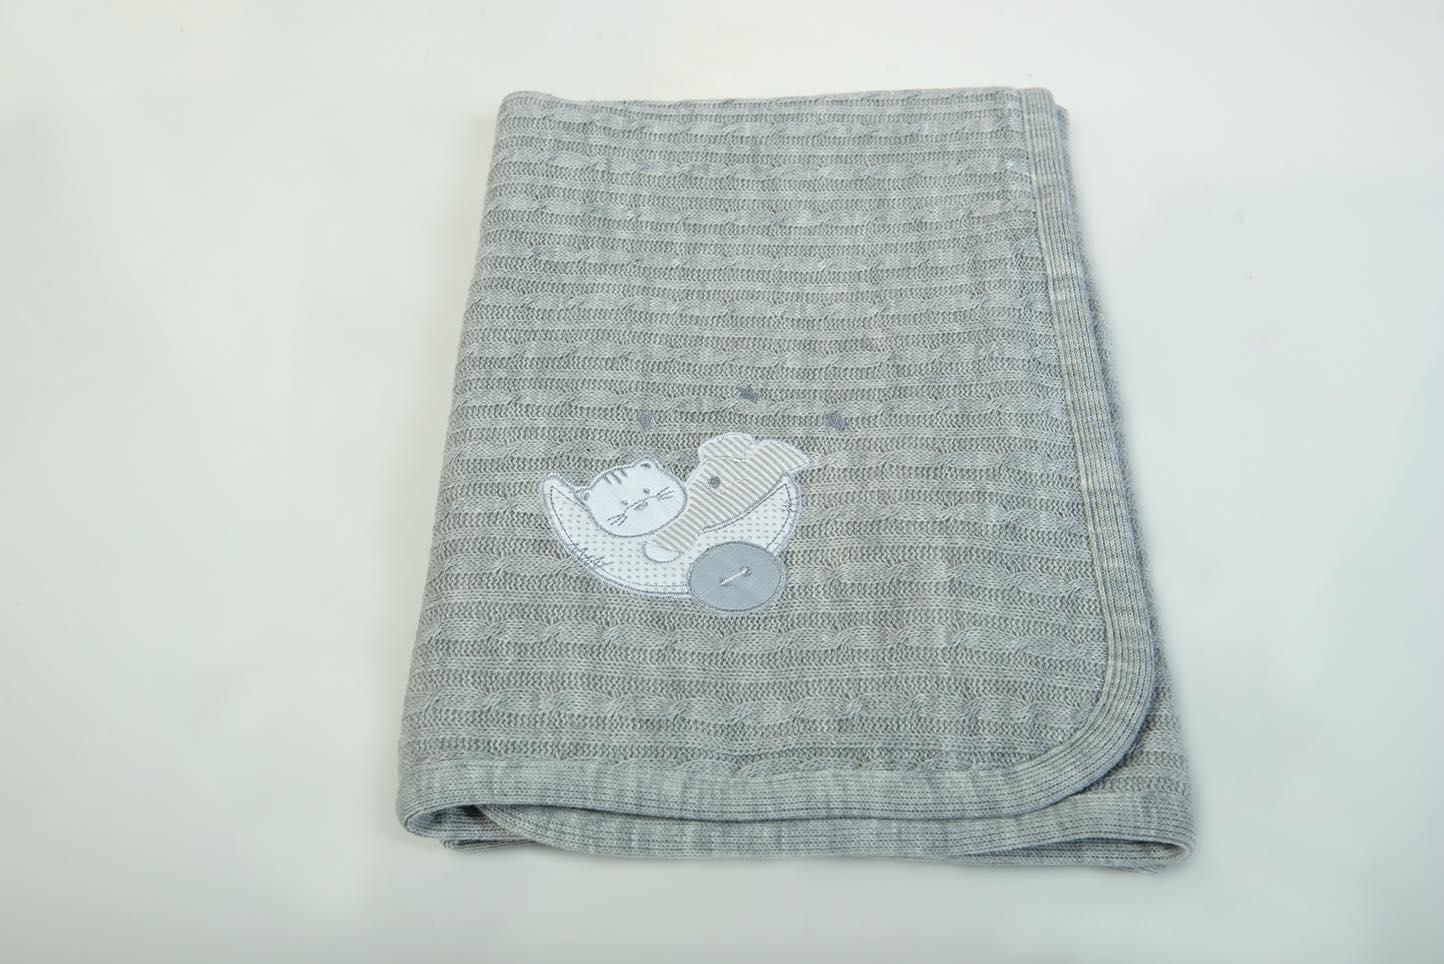 Κουβερτάκι bebe - Μάλλινο γκρί